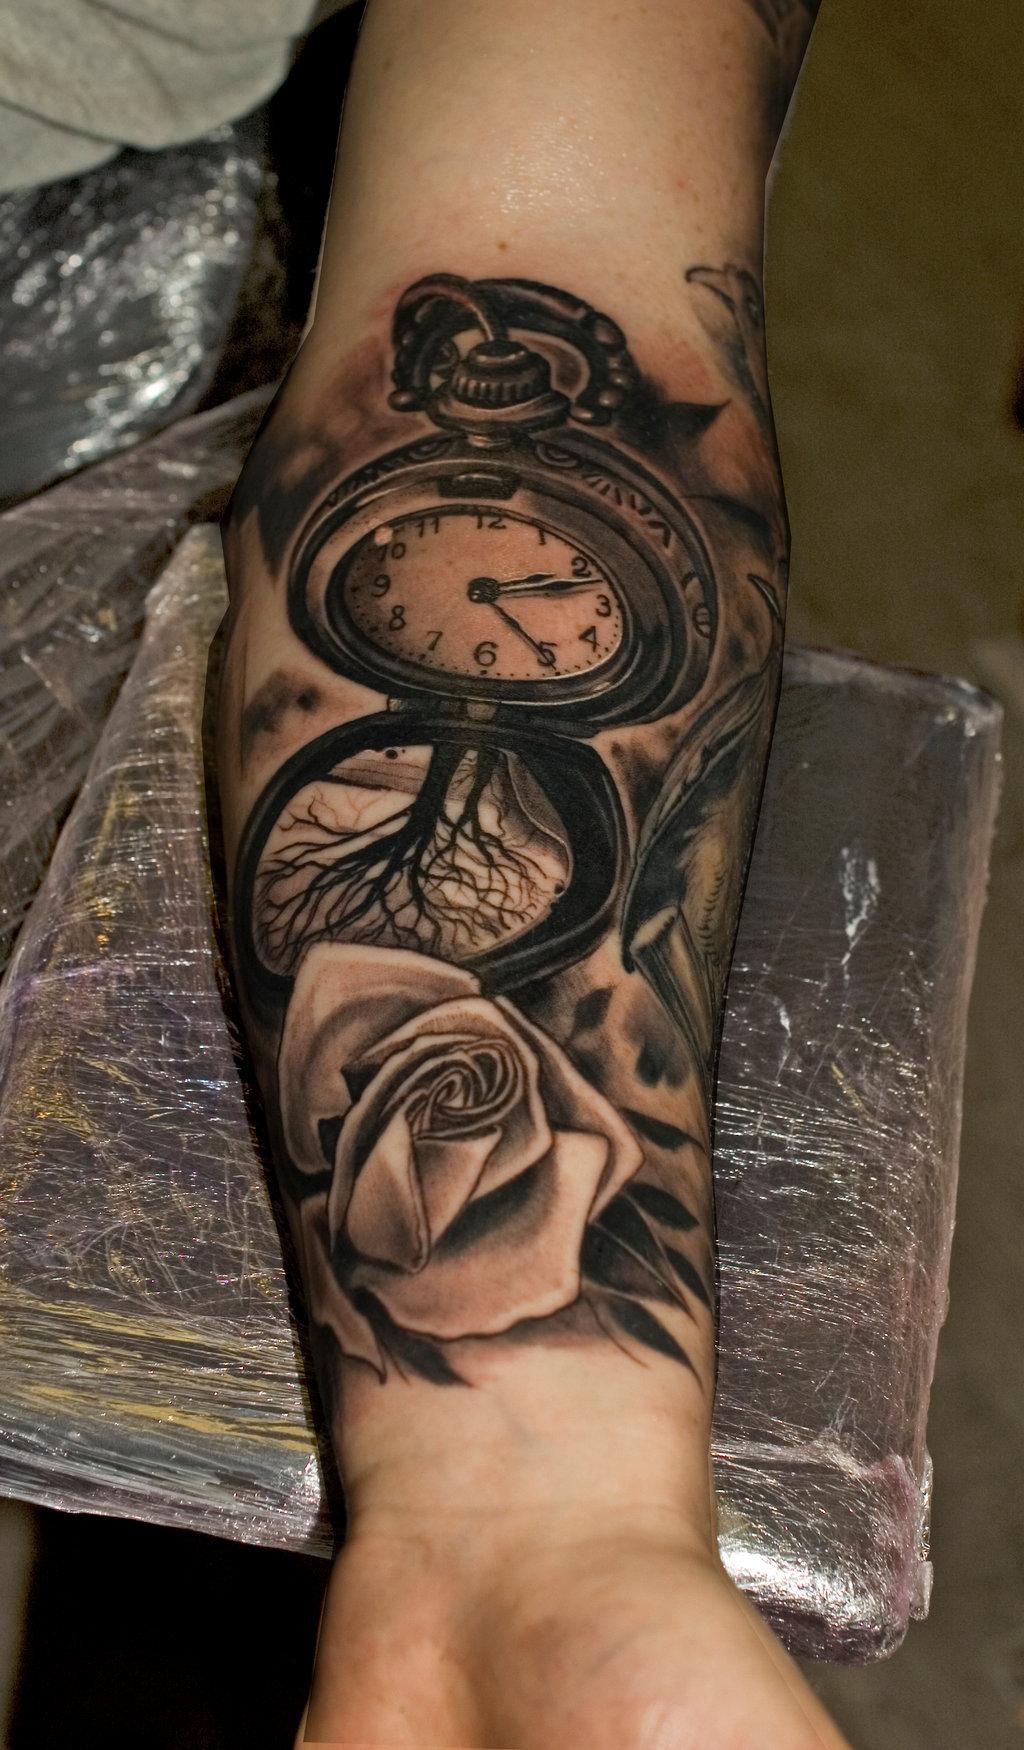 Татуировка на руке часы 9:50